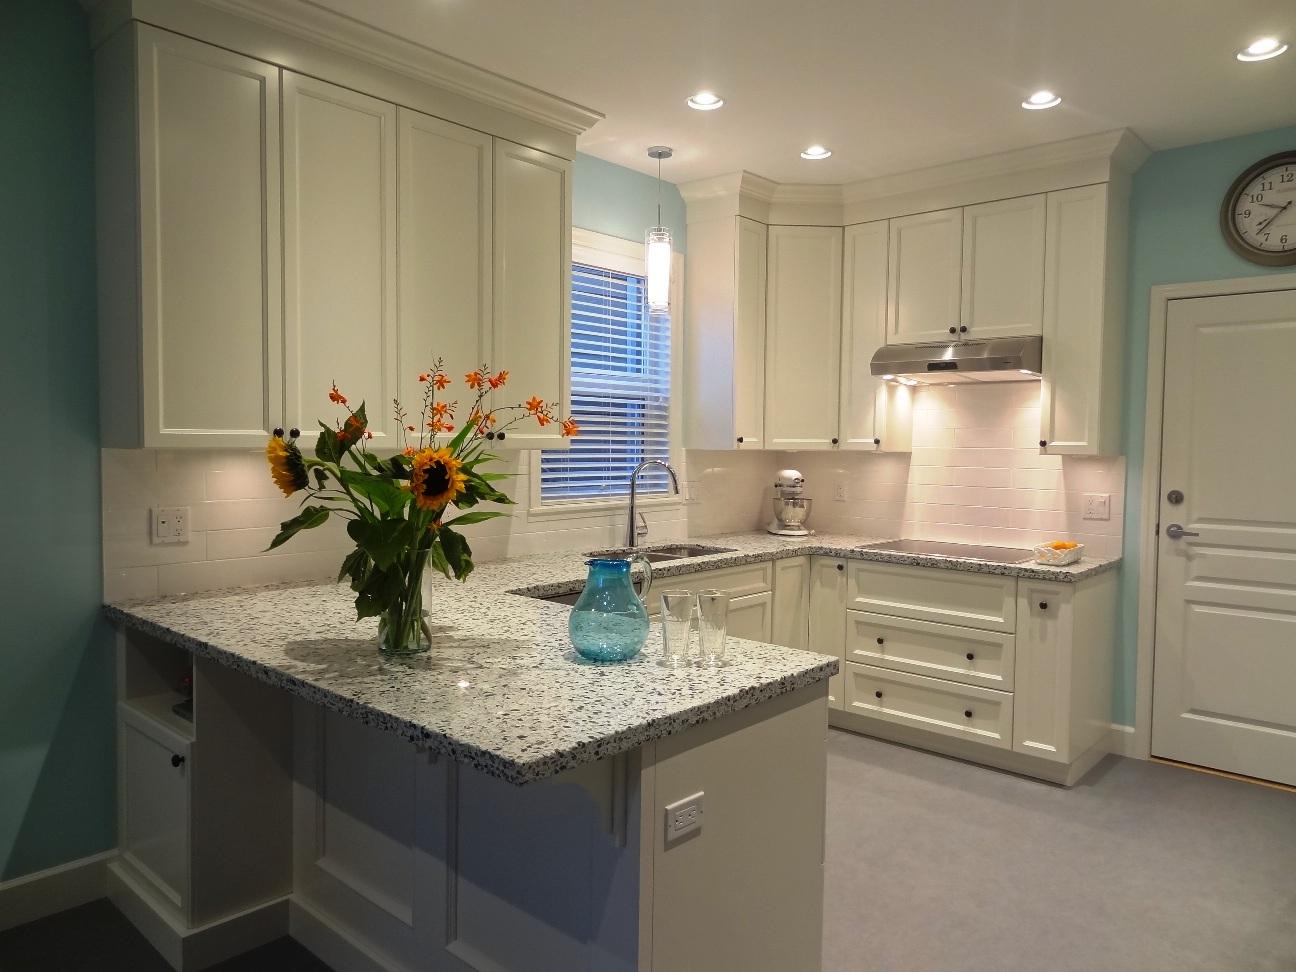 miljøvenlige-køkken-knuse-bordplader-Marmoleum-gulve-Surrey-bc-2